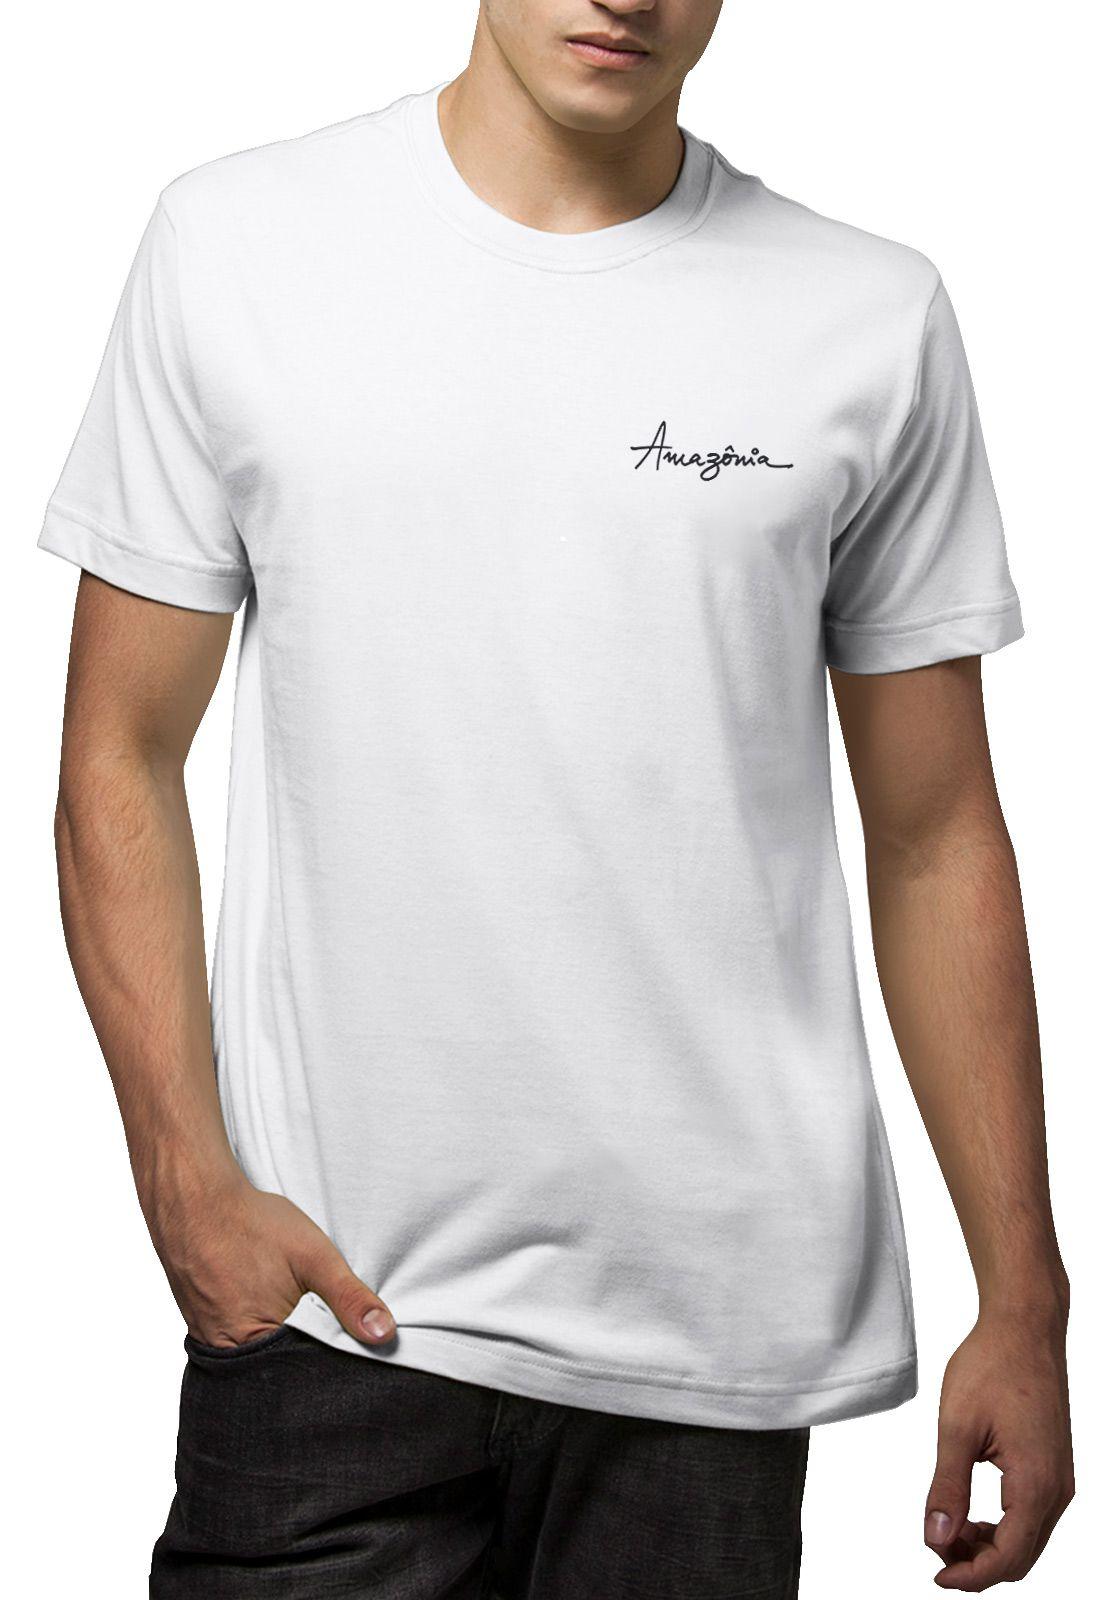 Camiseta Amazônia Música para a Natureza - Branco